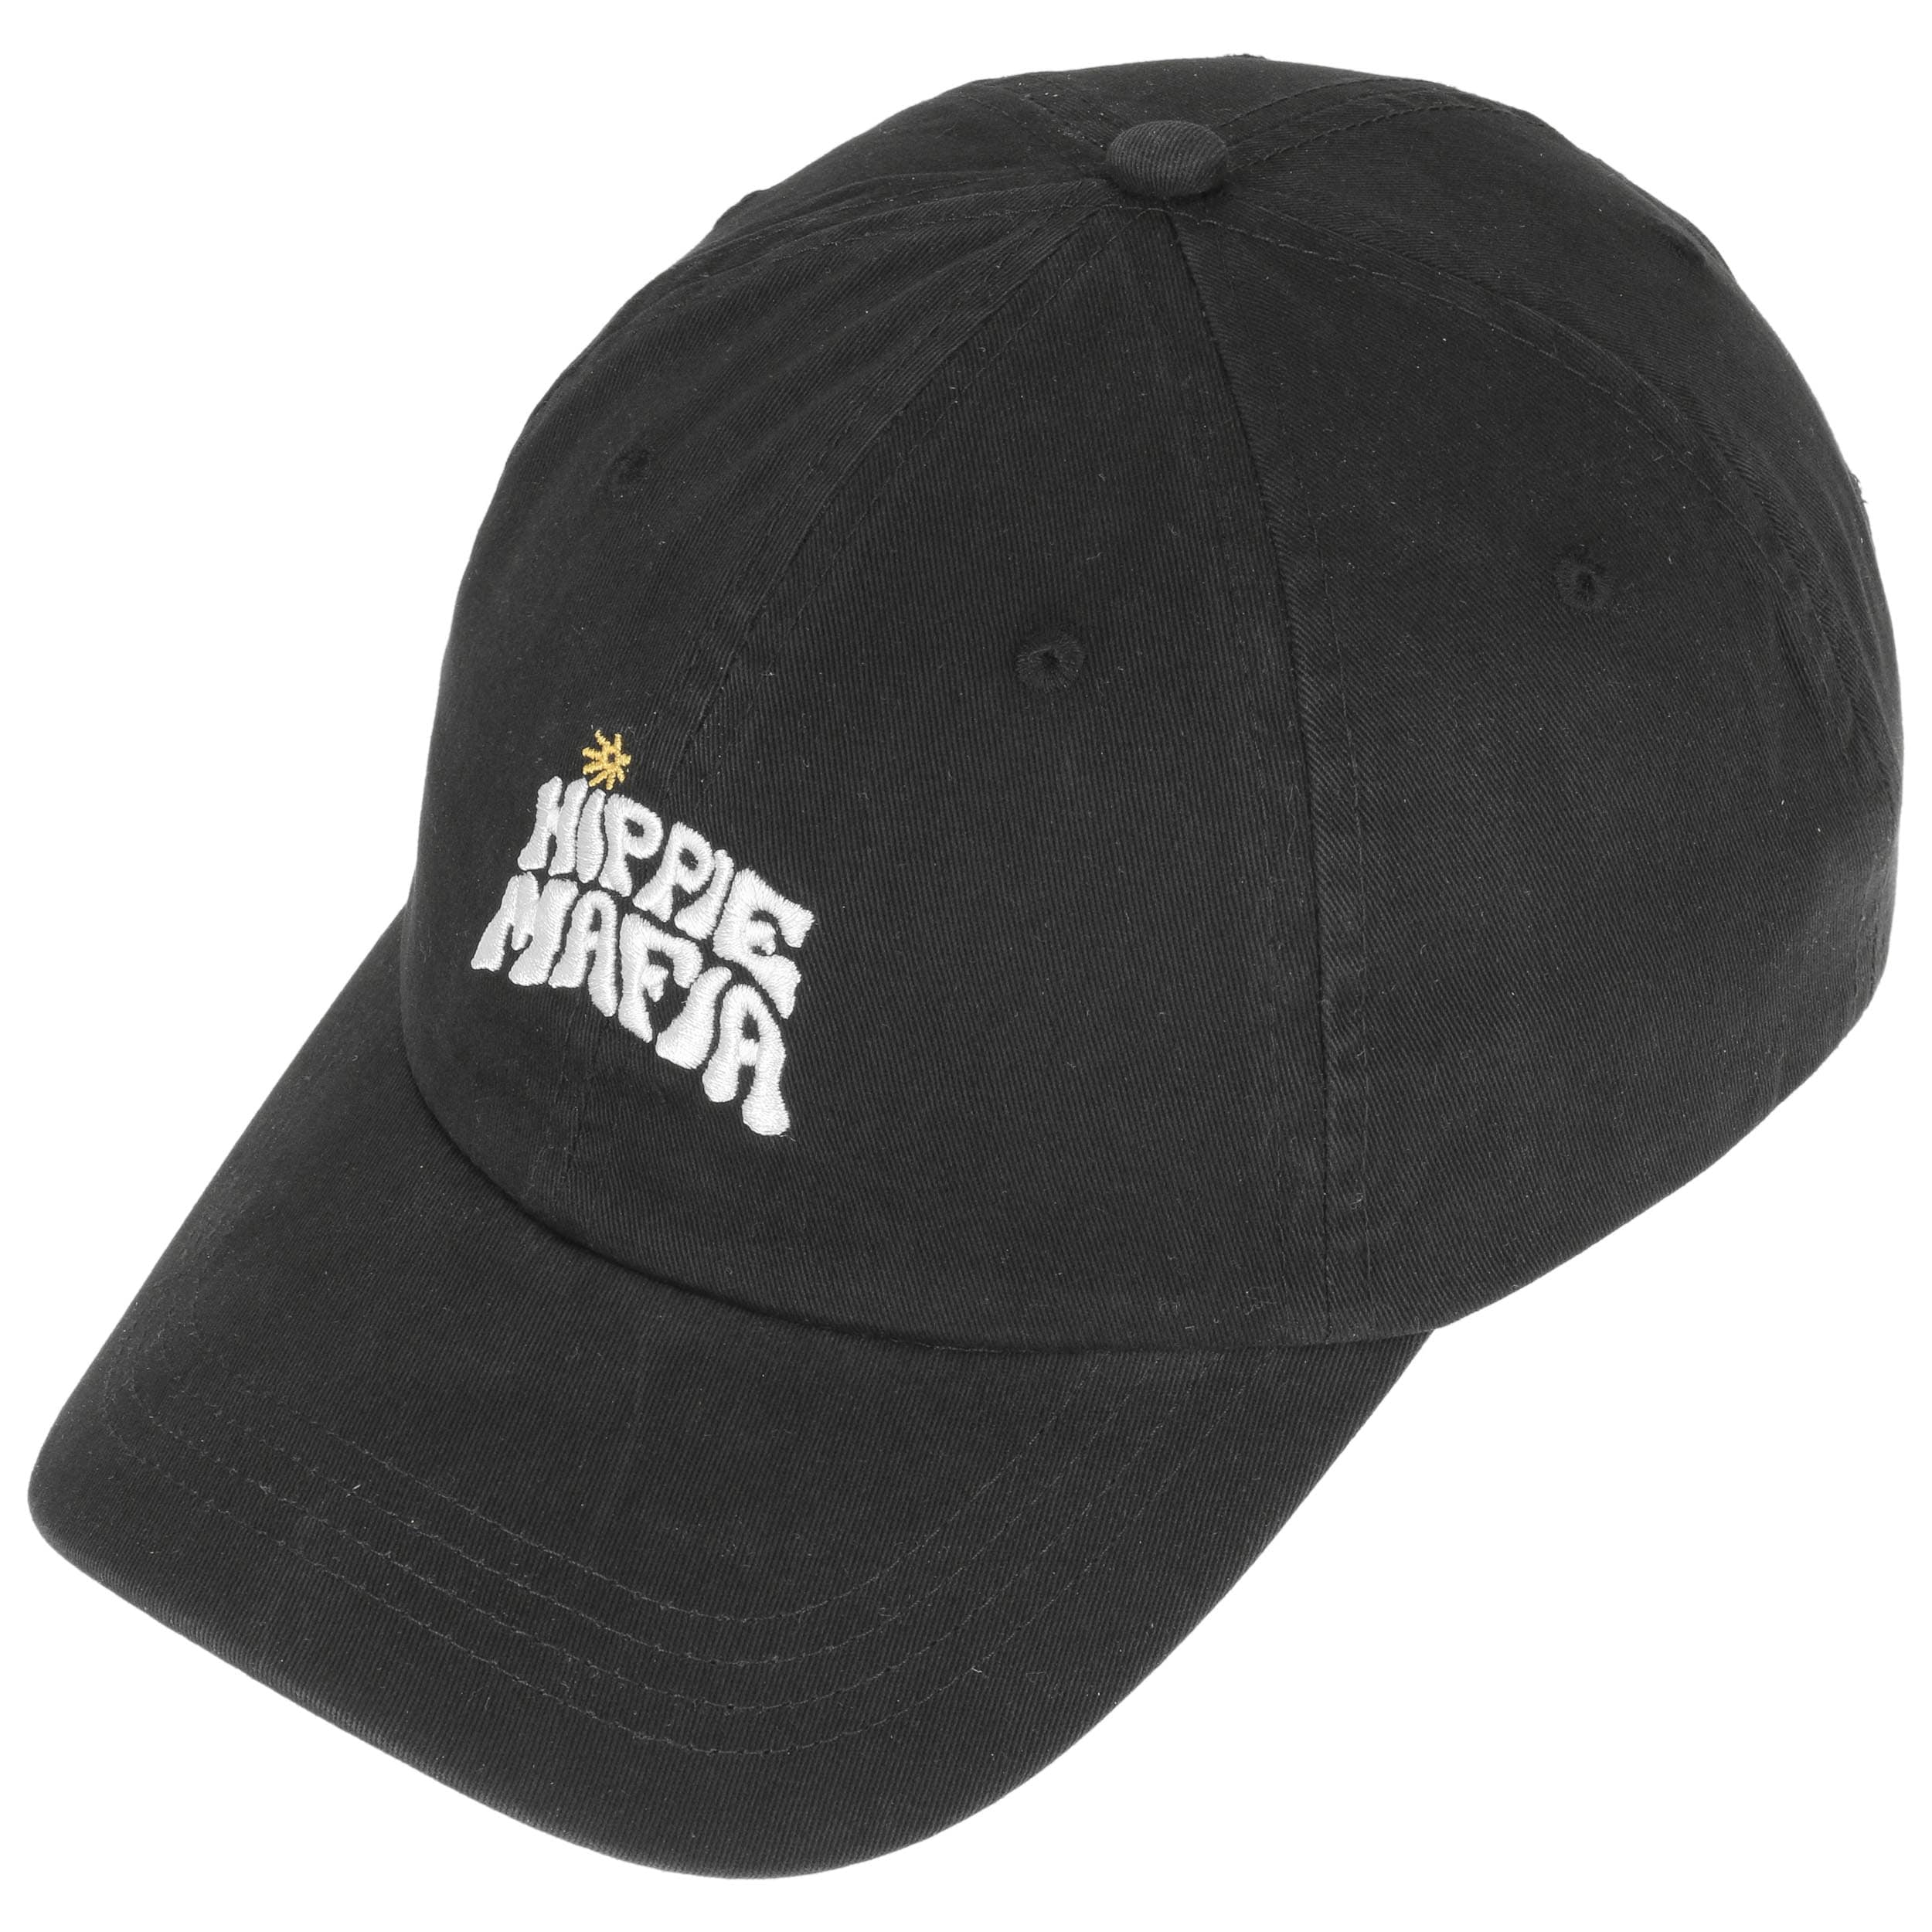 Hippie Mafia Snapback Cap by Quiksilver - black 1 ... 7b0ea5f299d